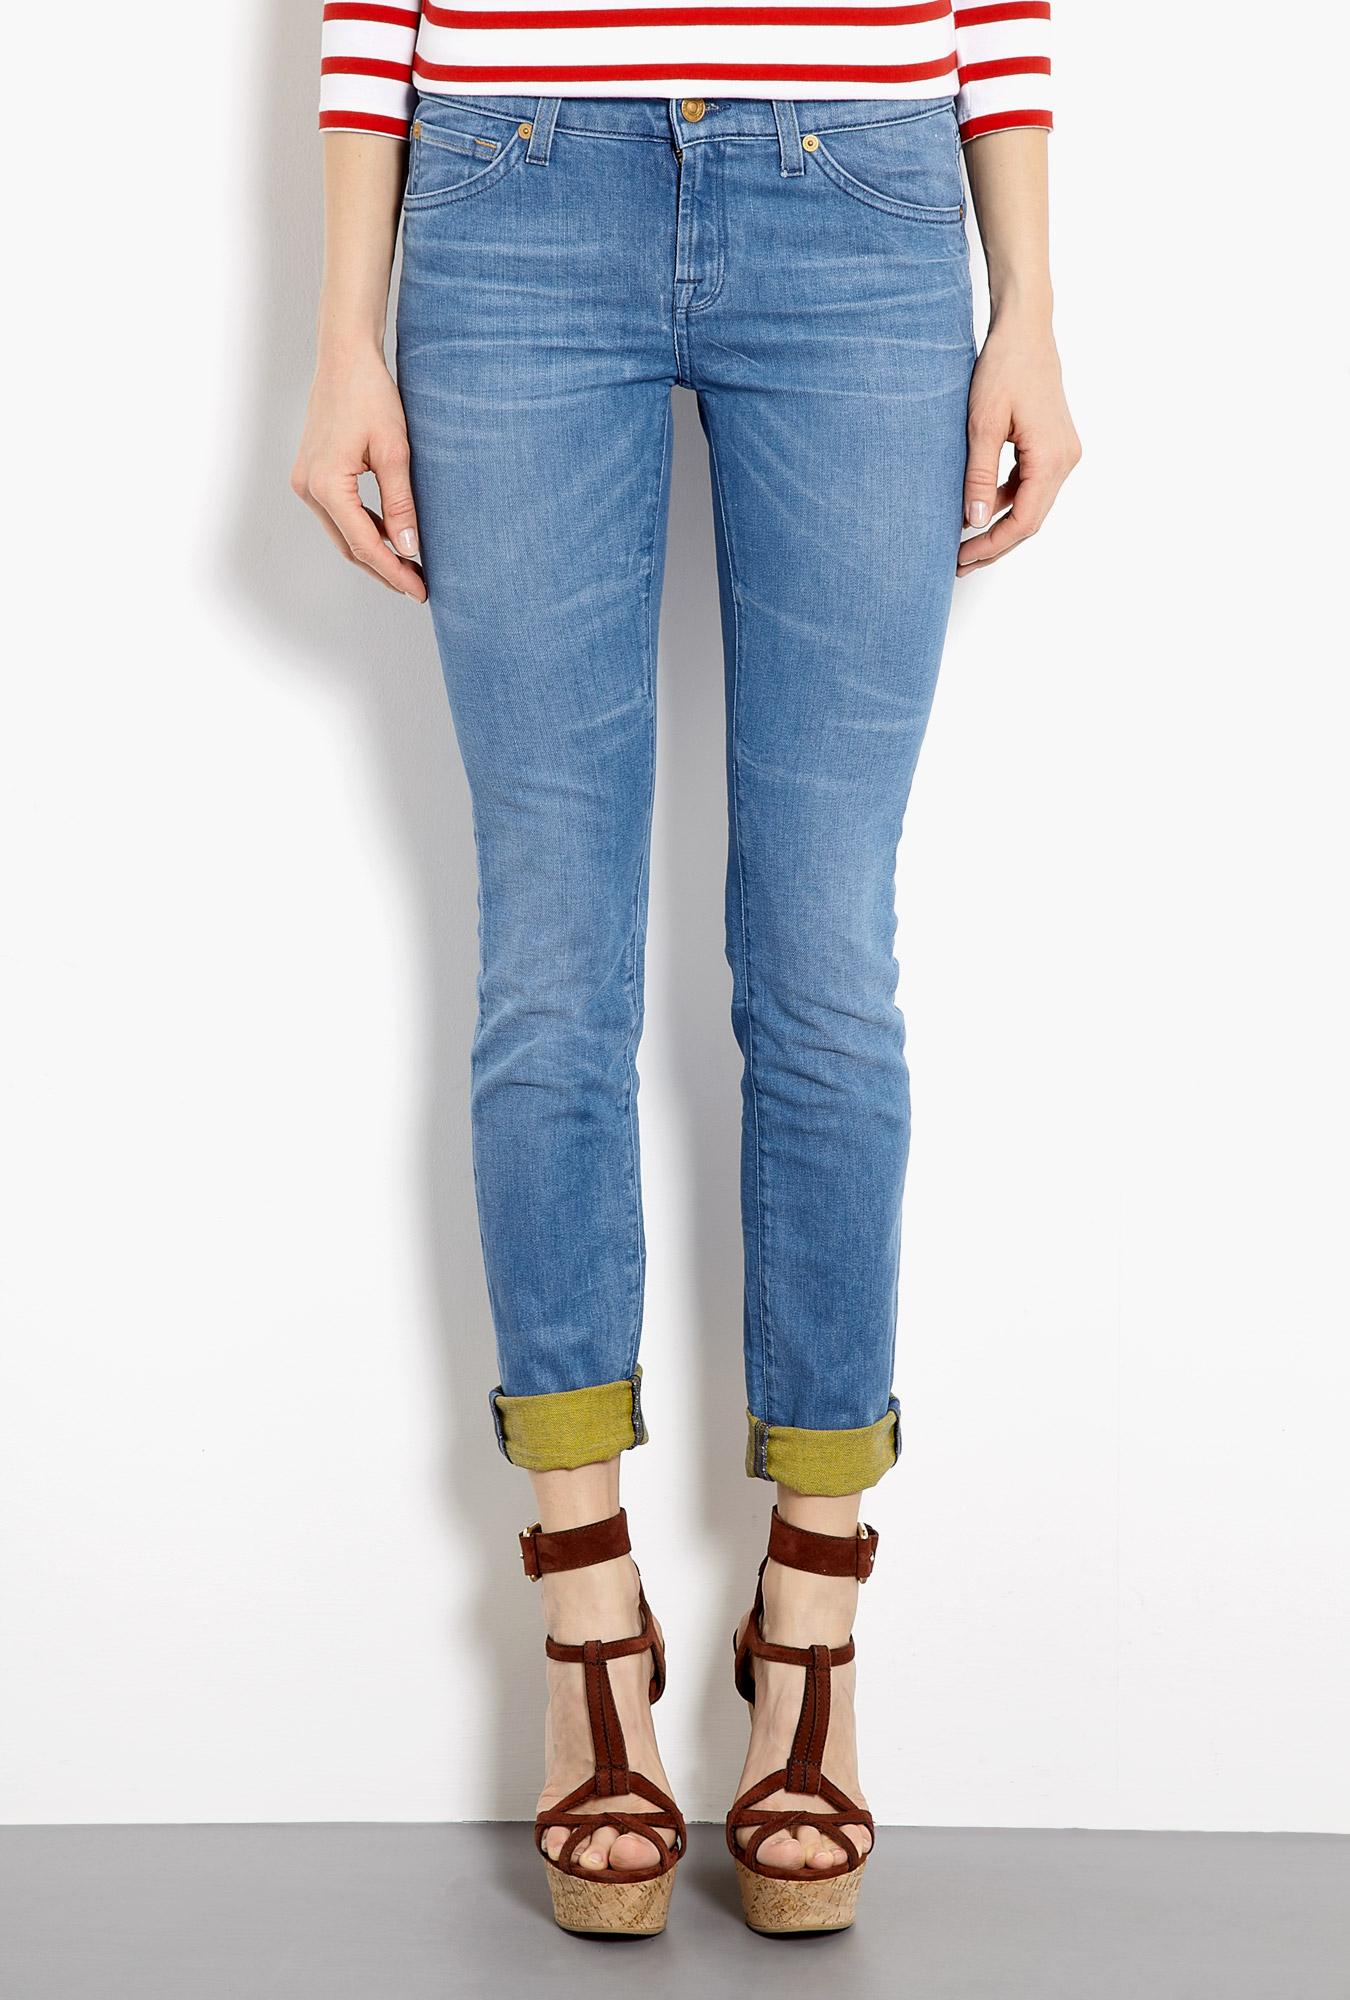 7 for all mankind weft denim cristen skinny jeans in blue. Black Bedroom Furniture Sets. Home Design Ideas